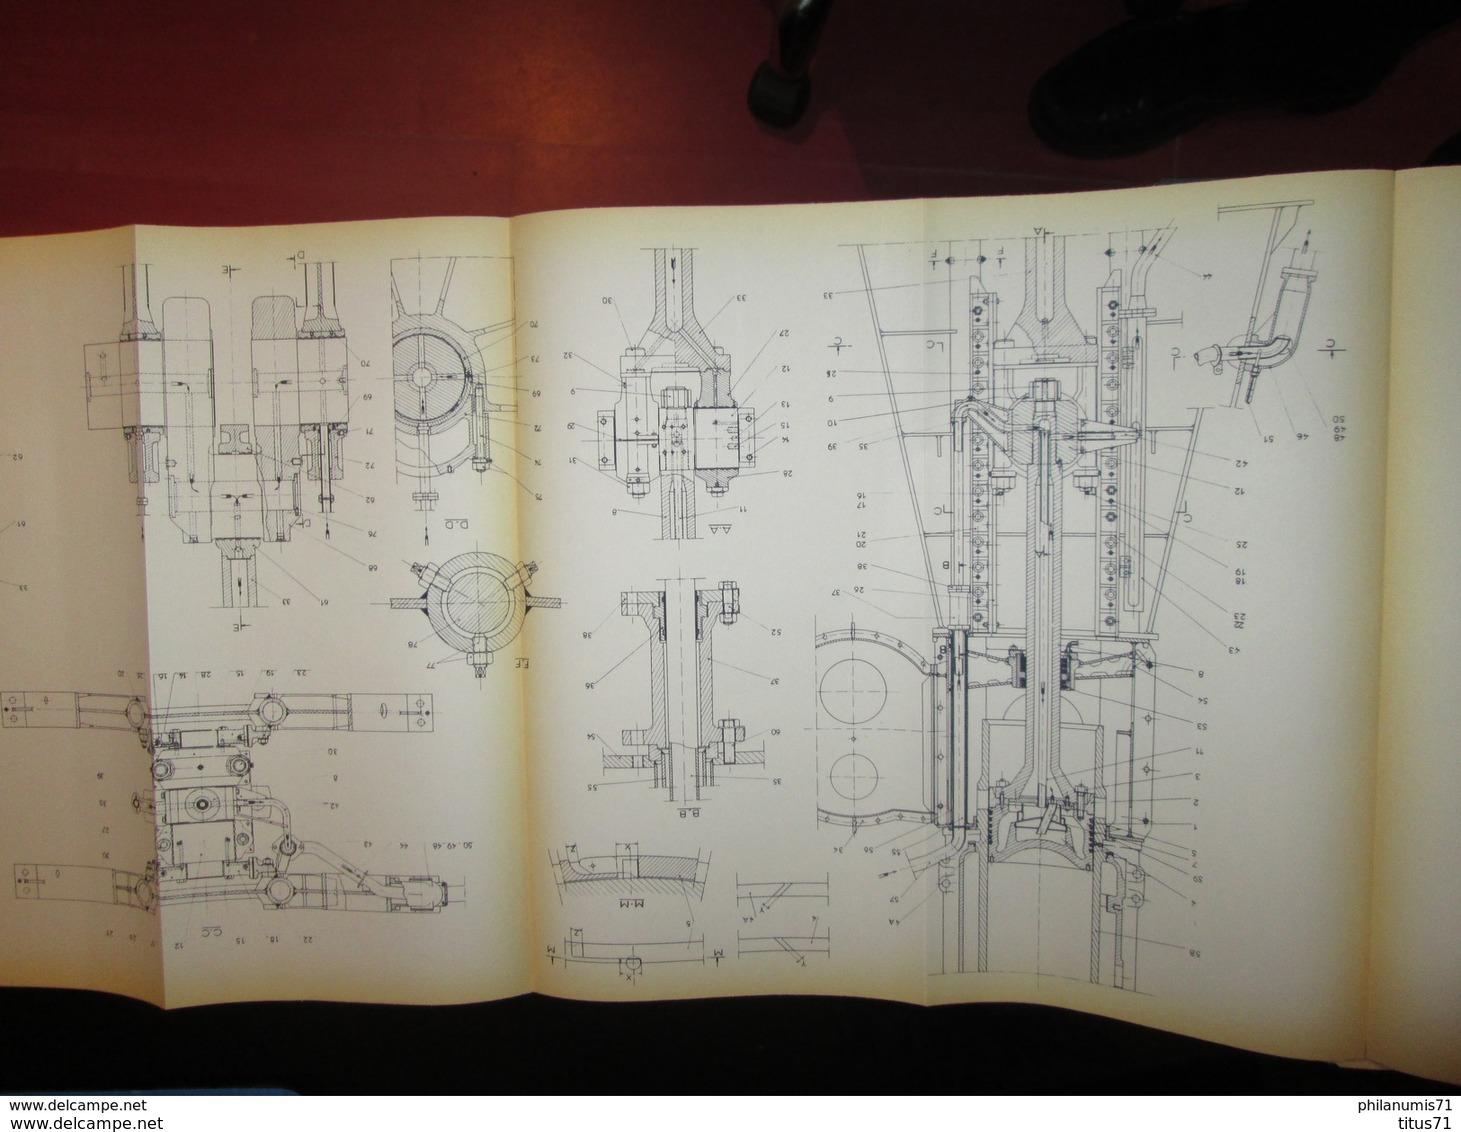 Notice D'entretien - Moteur Burmeister Et Wain Type 862 VT2BF 140 Du Cargo De 10 500 T. CIRCEA Des Chargeurs Réunis - Machines